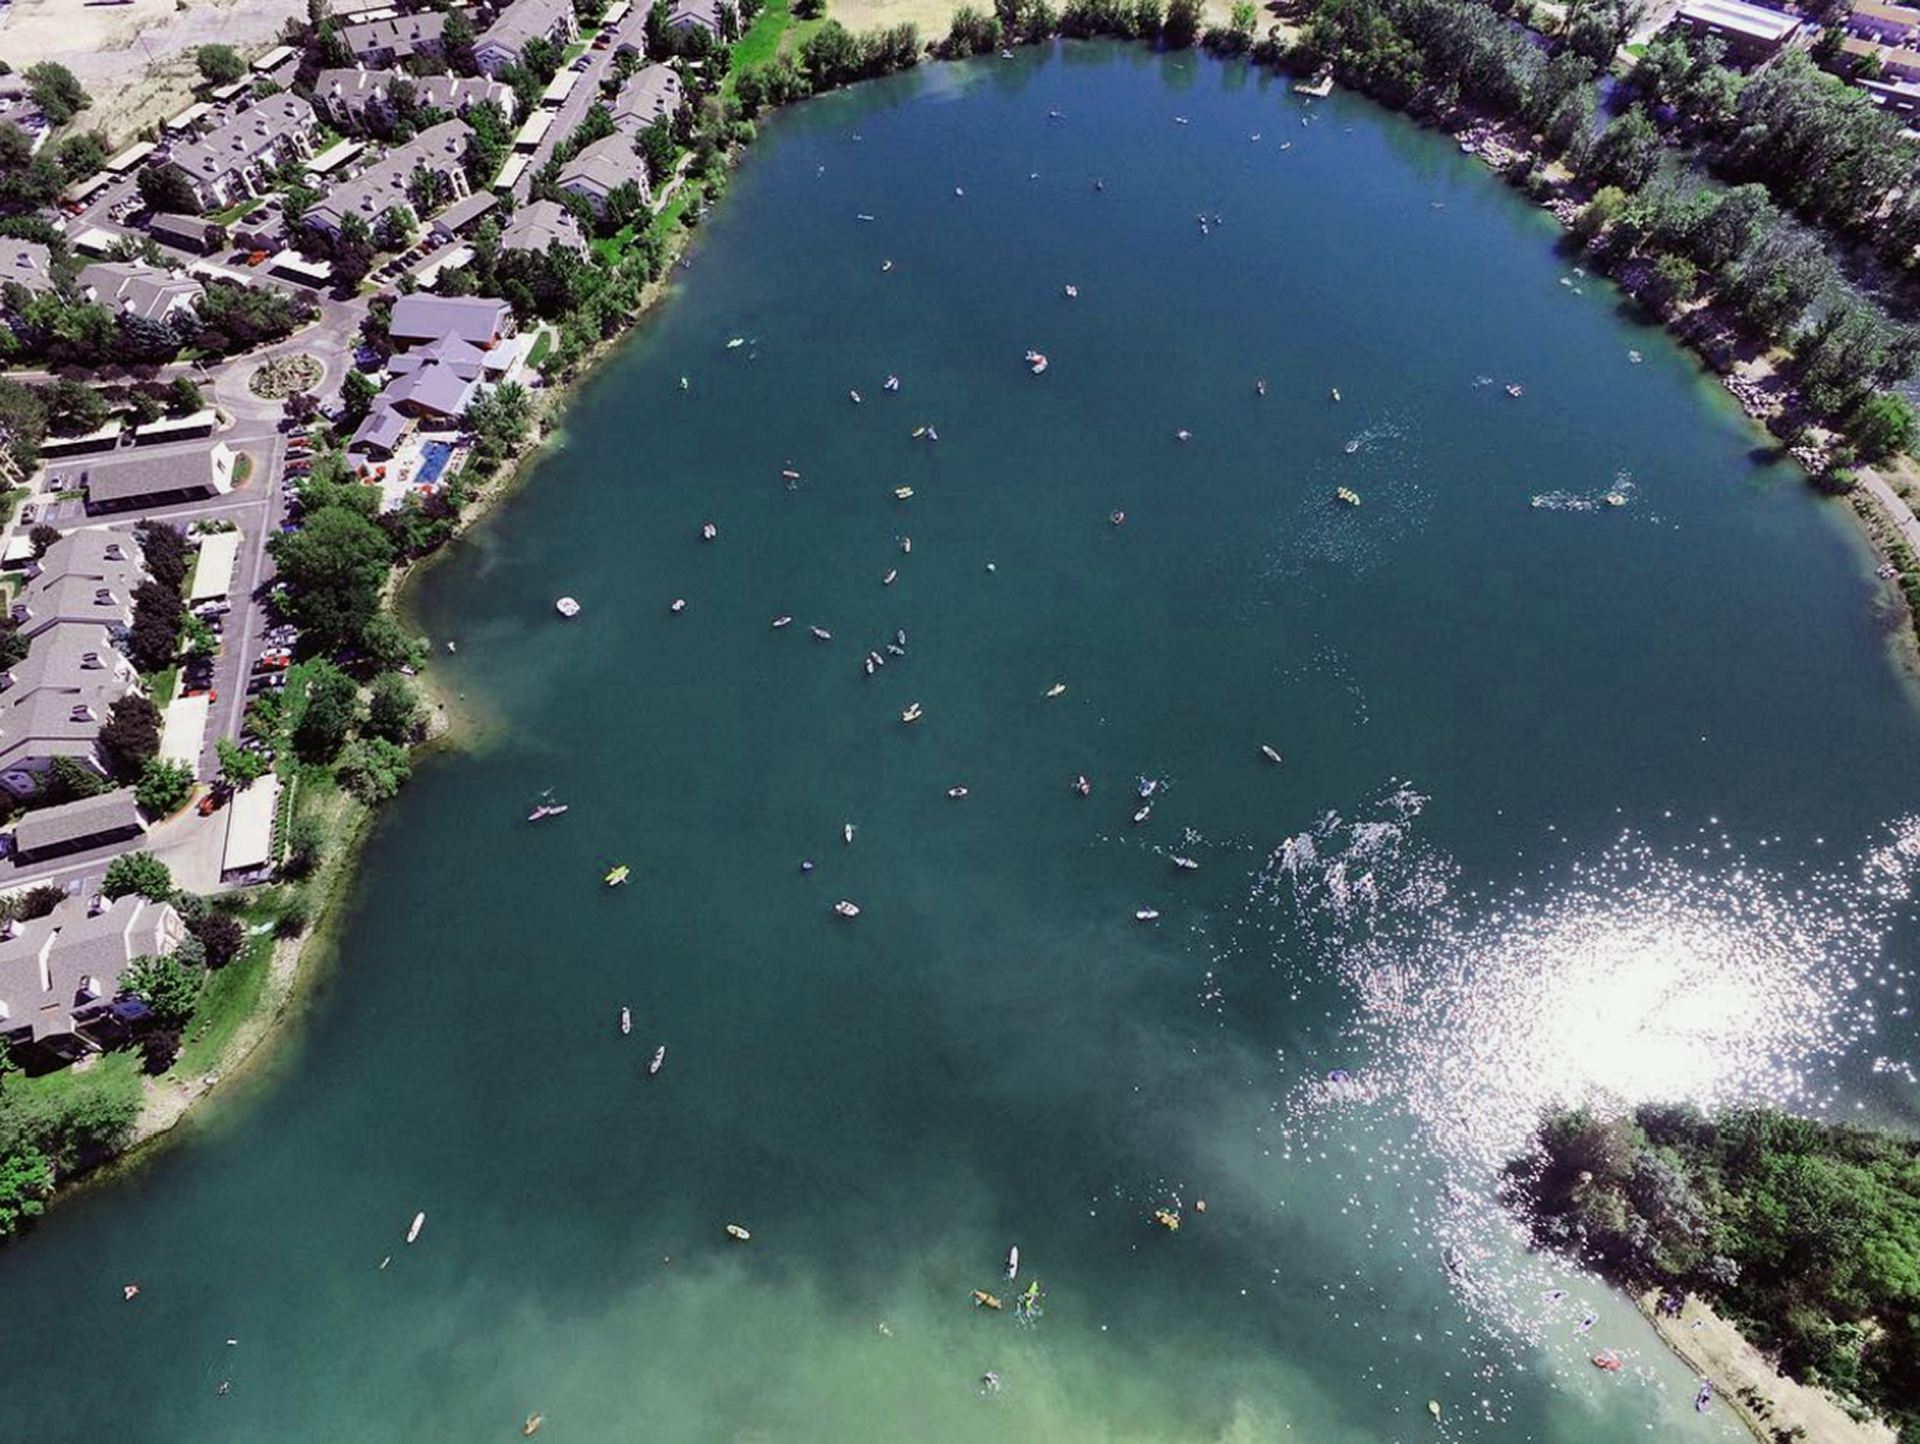 quinnspond_aerial_andrewblack_240.jpg